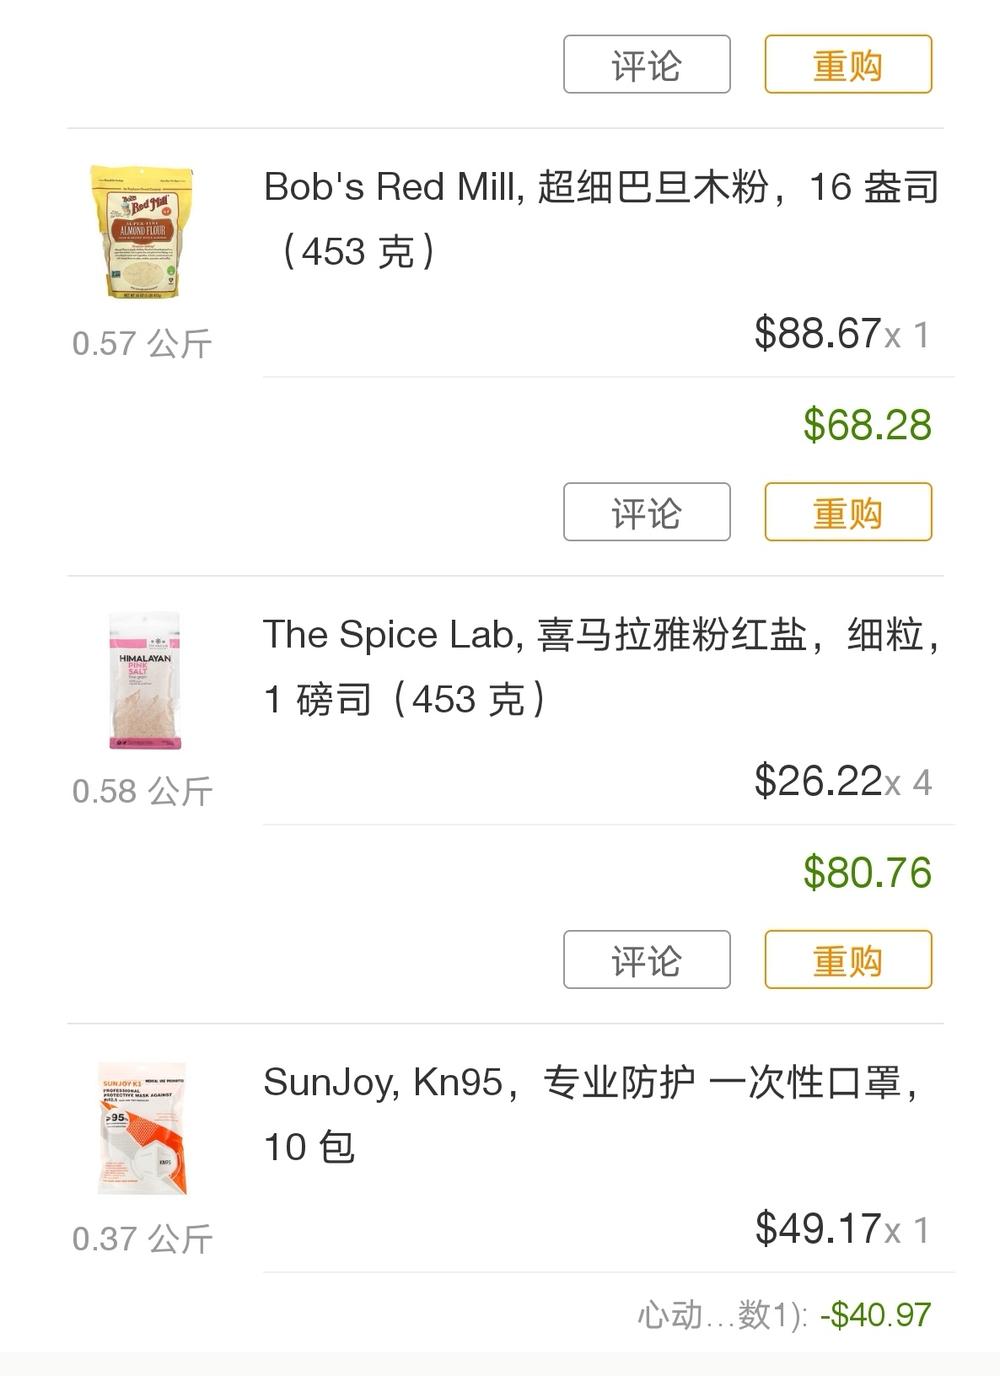 Screenshot_20210706_111002_com.iherb.cn_edit_1706028847721451.jpg